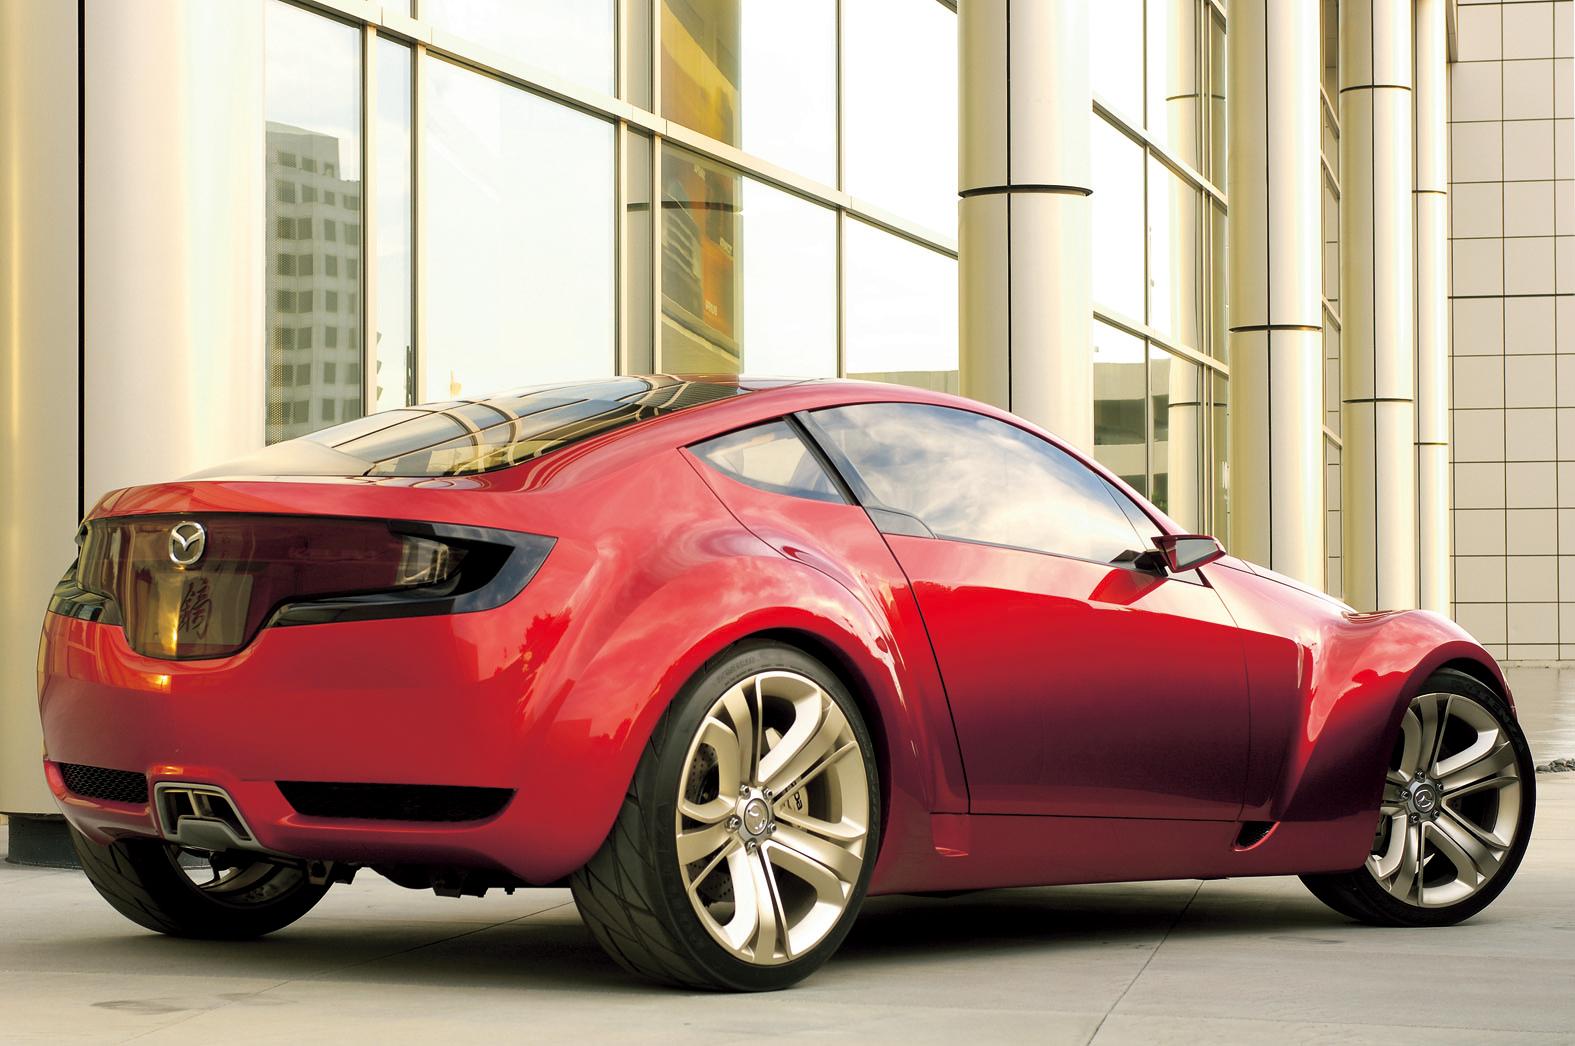 Car-Models-com: 2012 mazda rx9